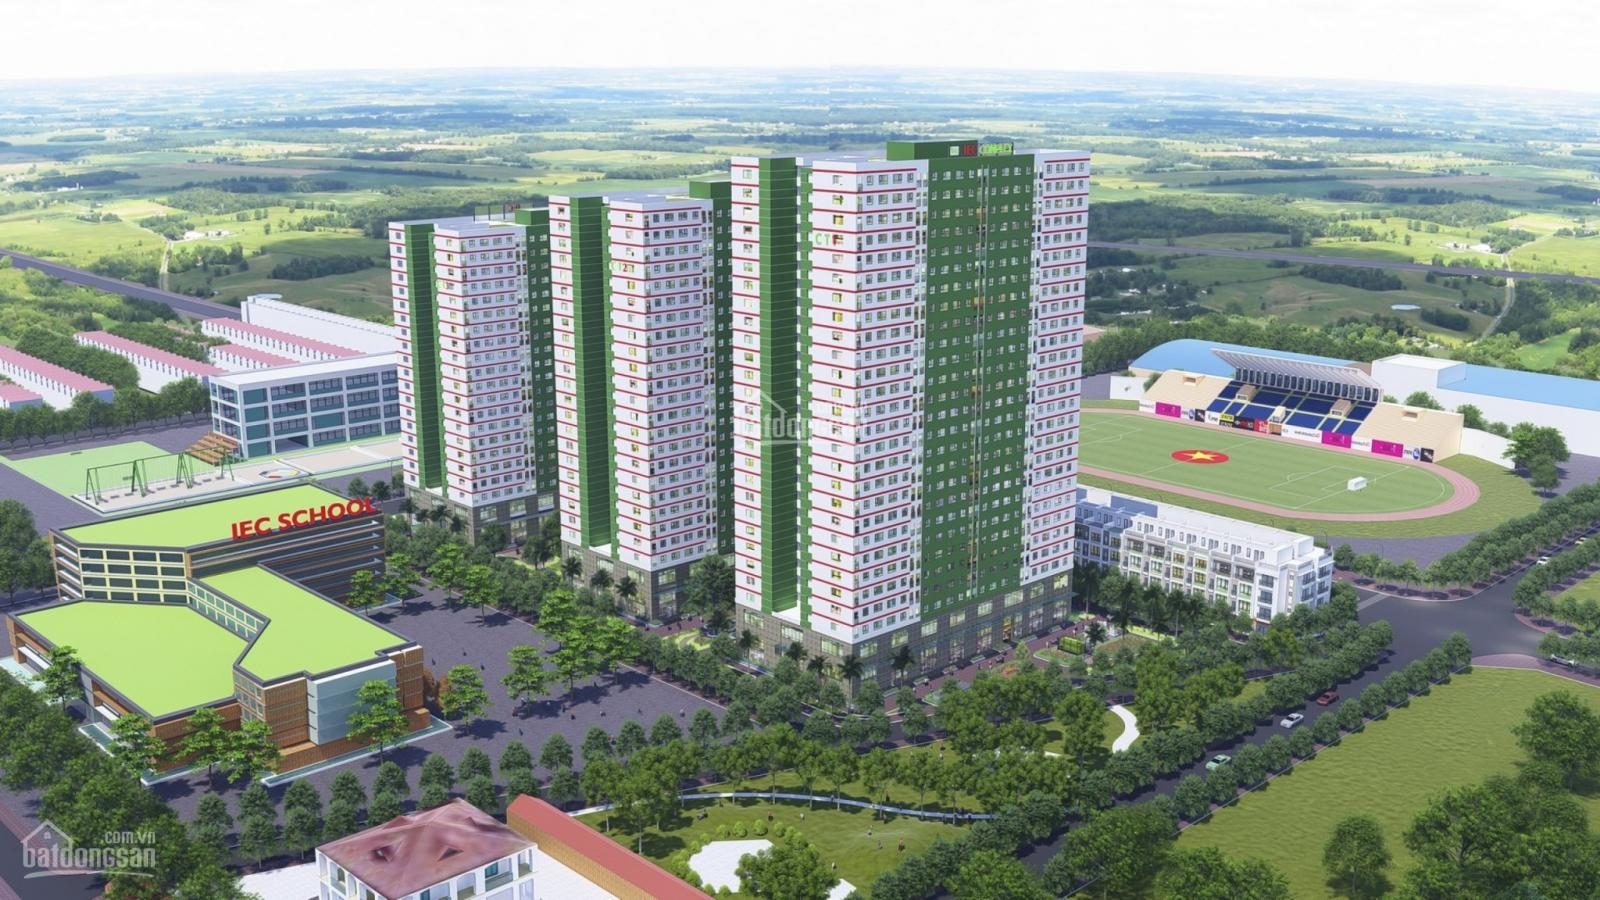 Dự Án IEC Thanh Trì – Giá Cam Kết Thấp Nhất Thị Trường